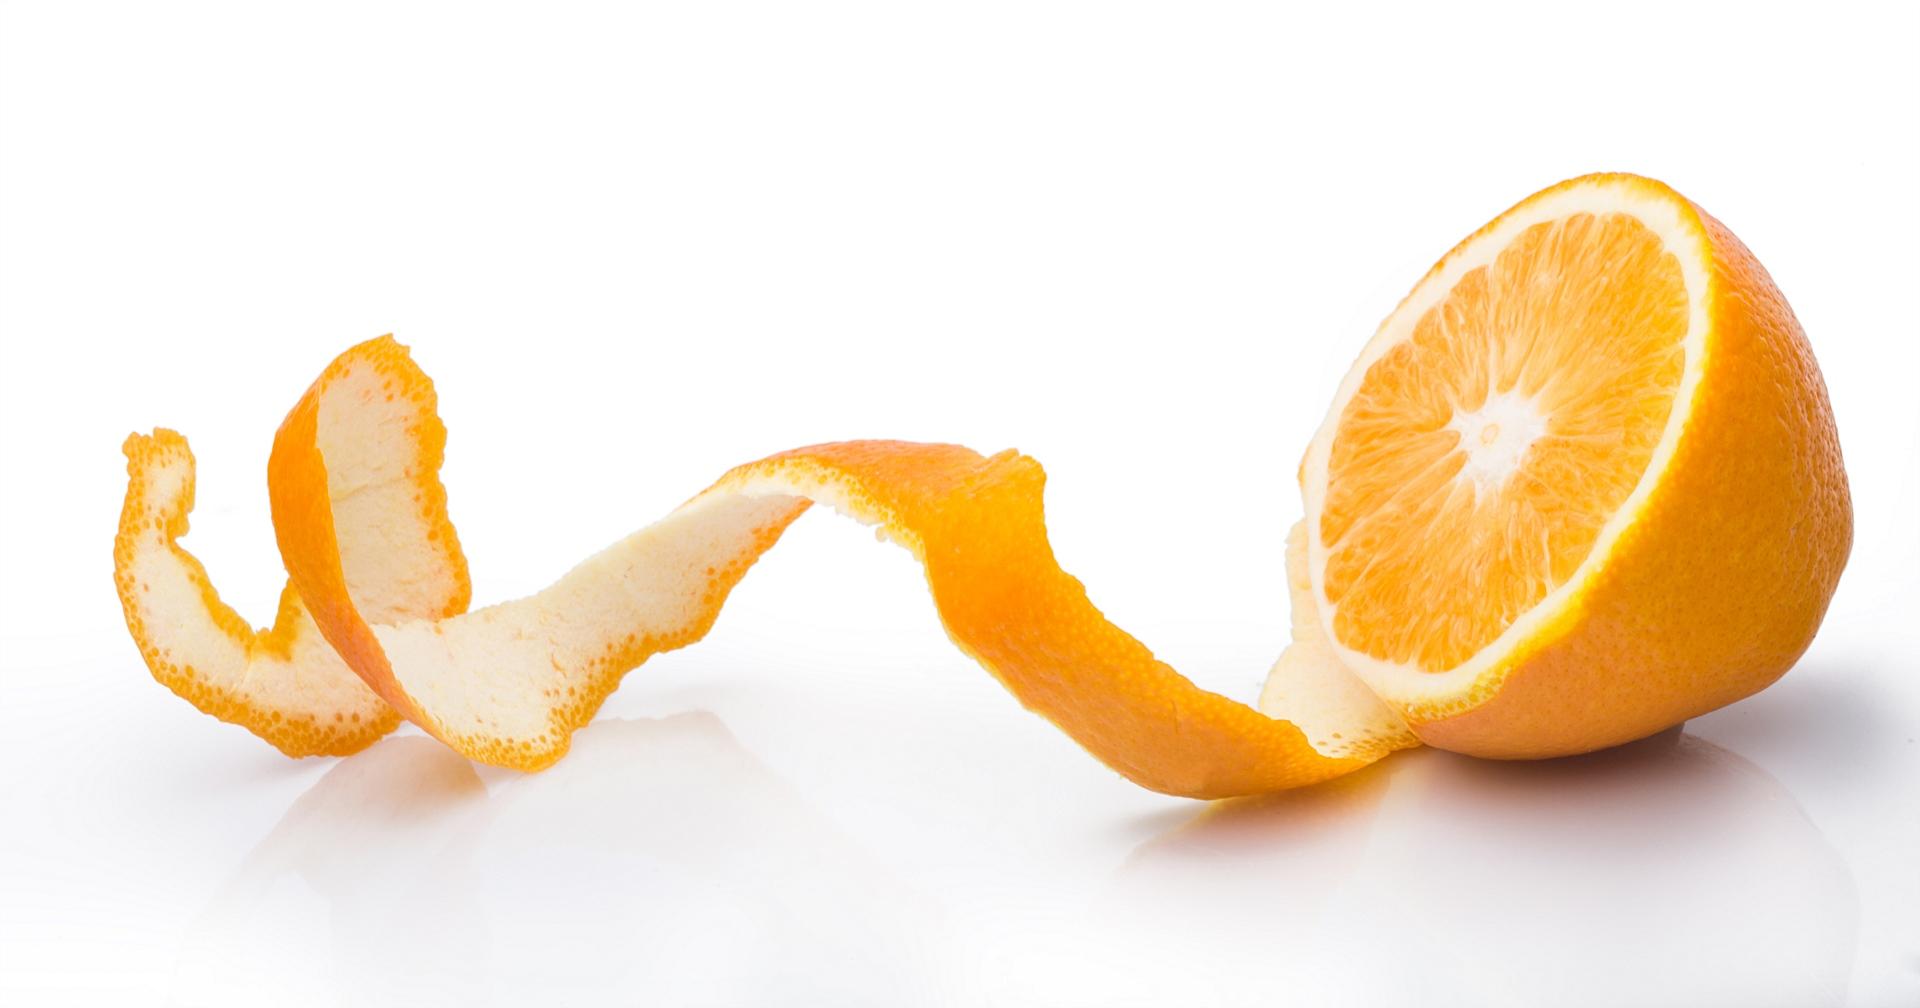 5 razones por las cuales tomar jugo de naranja es peor que tomar refresco